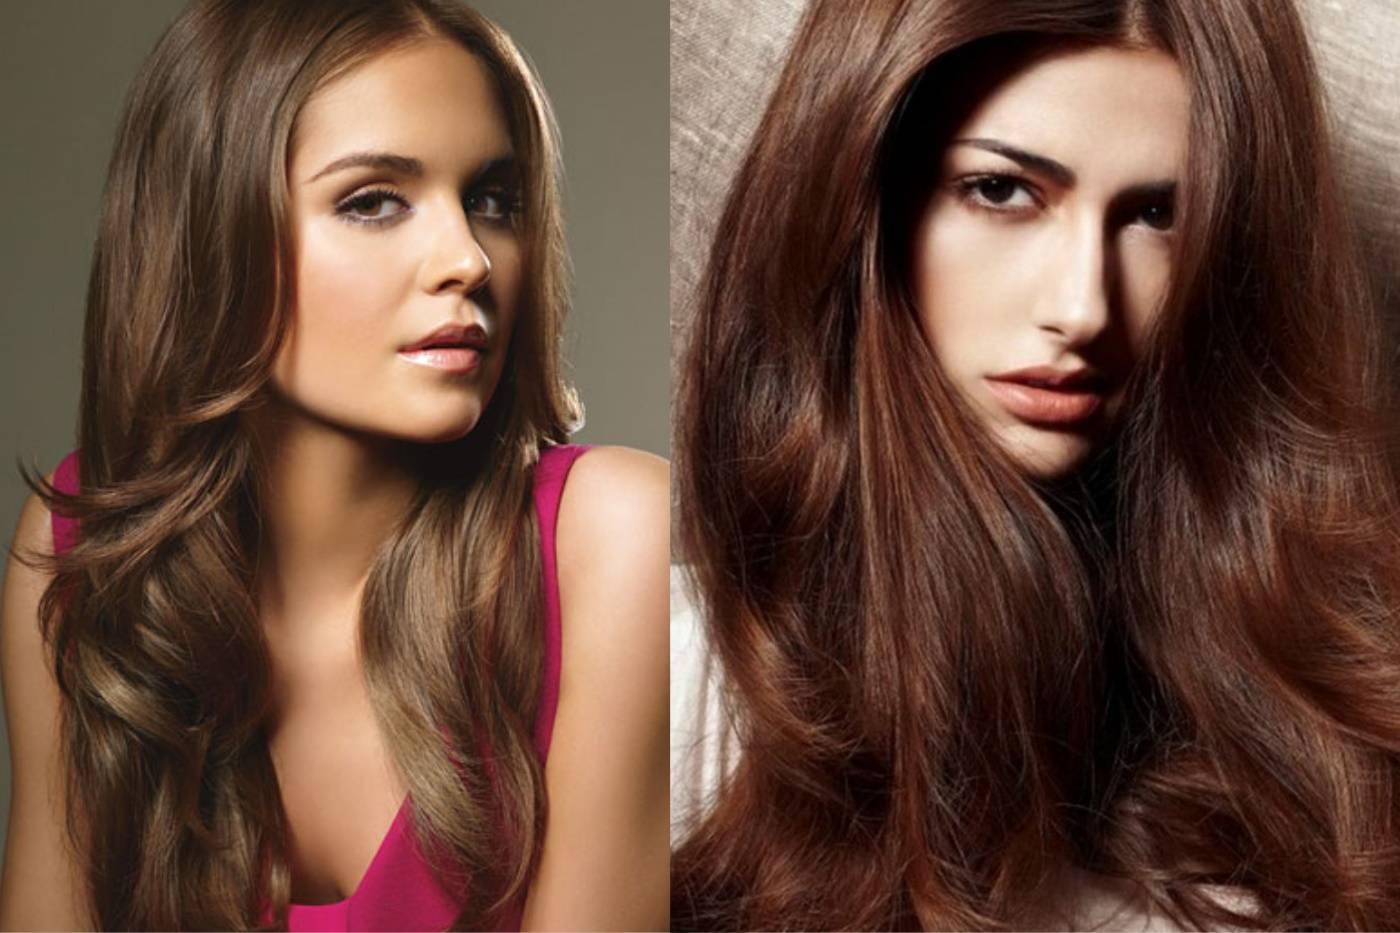 Каштановые волосы у девушек: фото, палитра, все лучшие оттенки